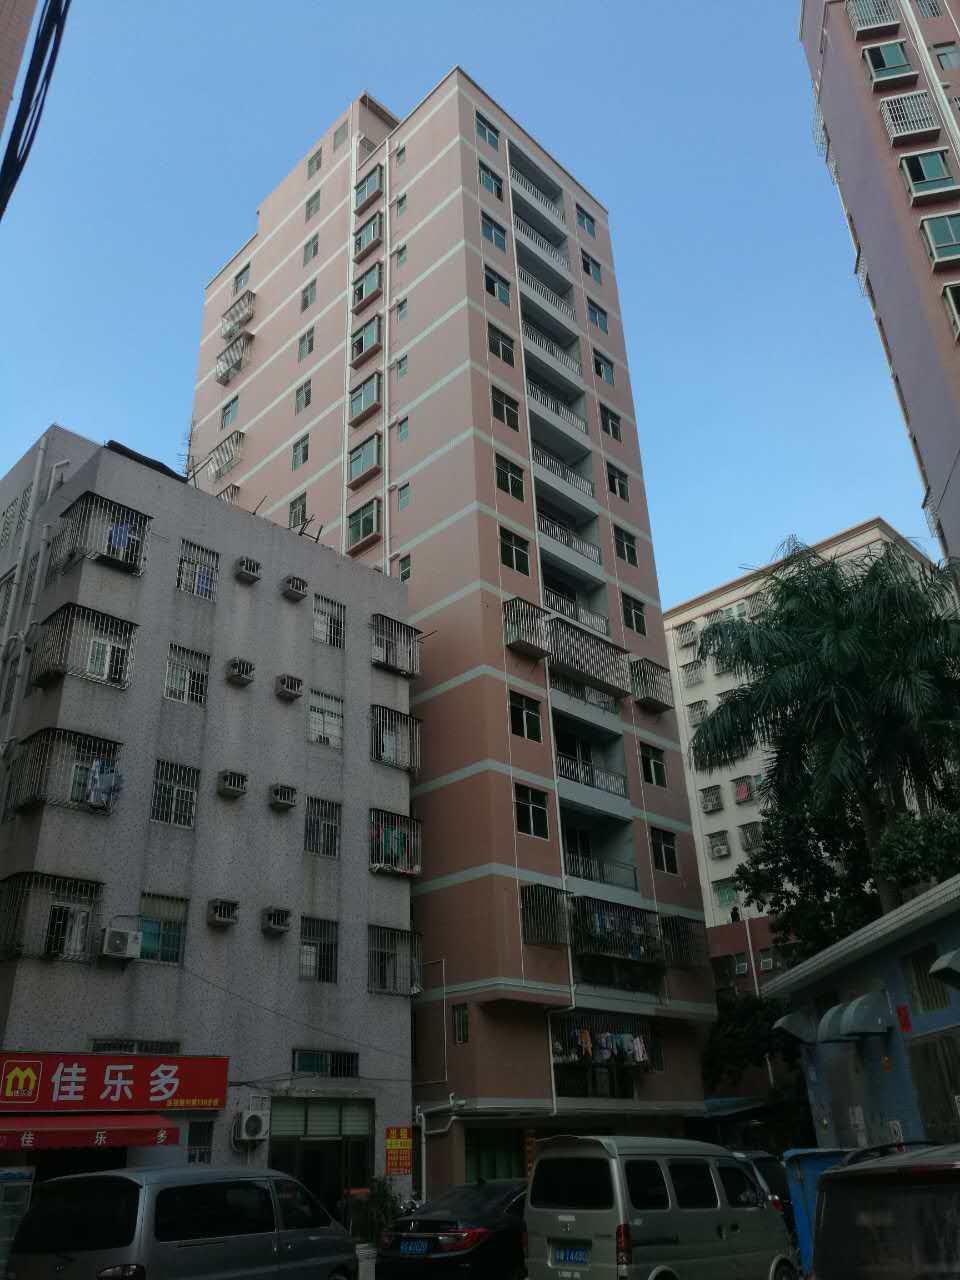 马山头小产权三房90平米43万,最便宜的笋盘 三房二厅 第12张